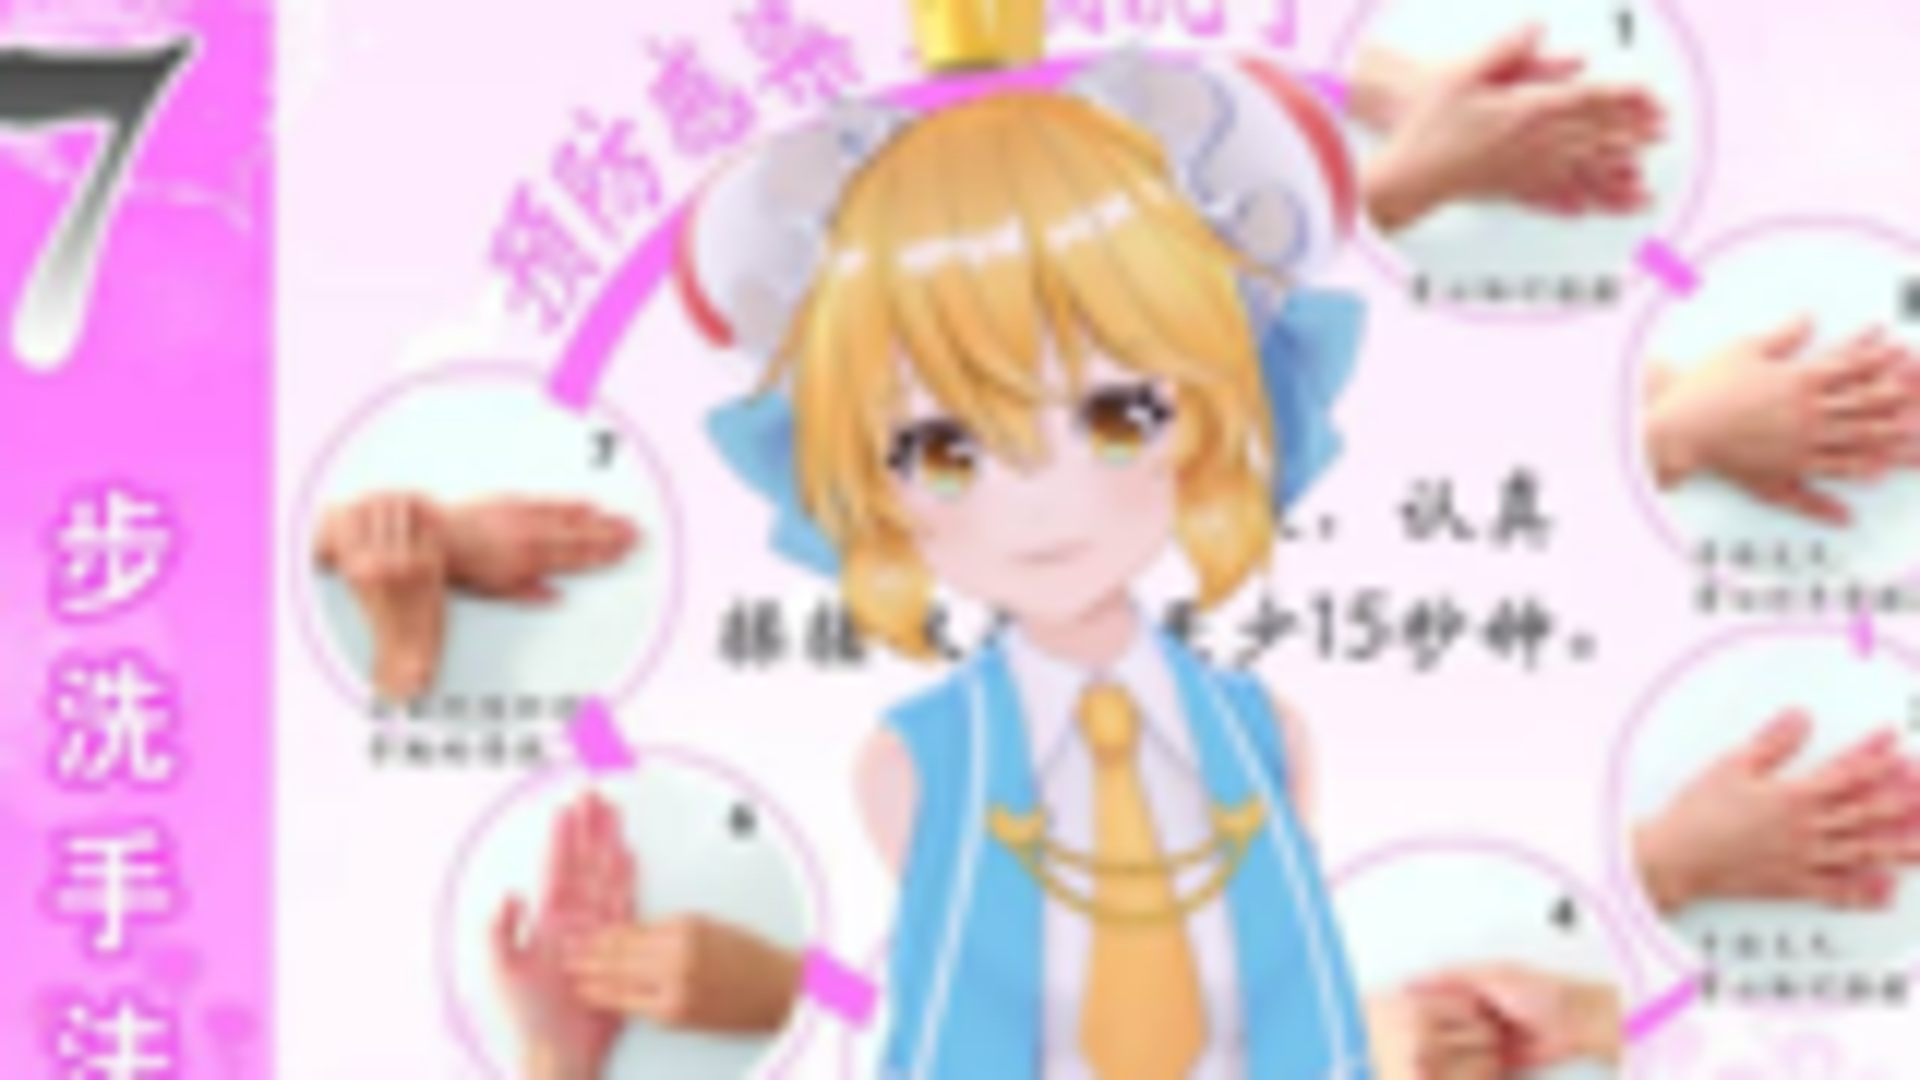 【AC娘】新型冠状病毒肺炎预防七步洗手法!